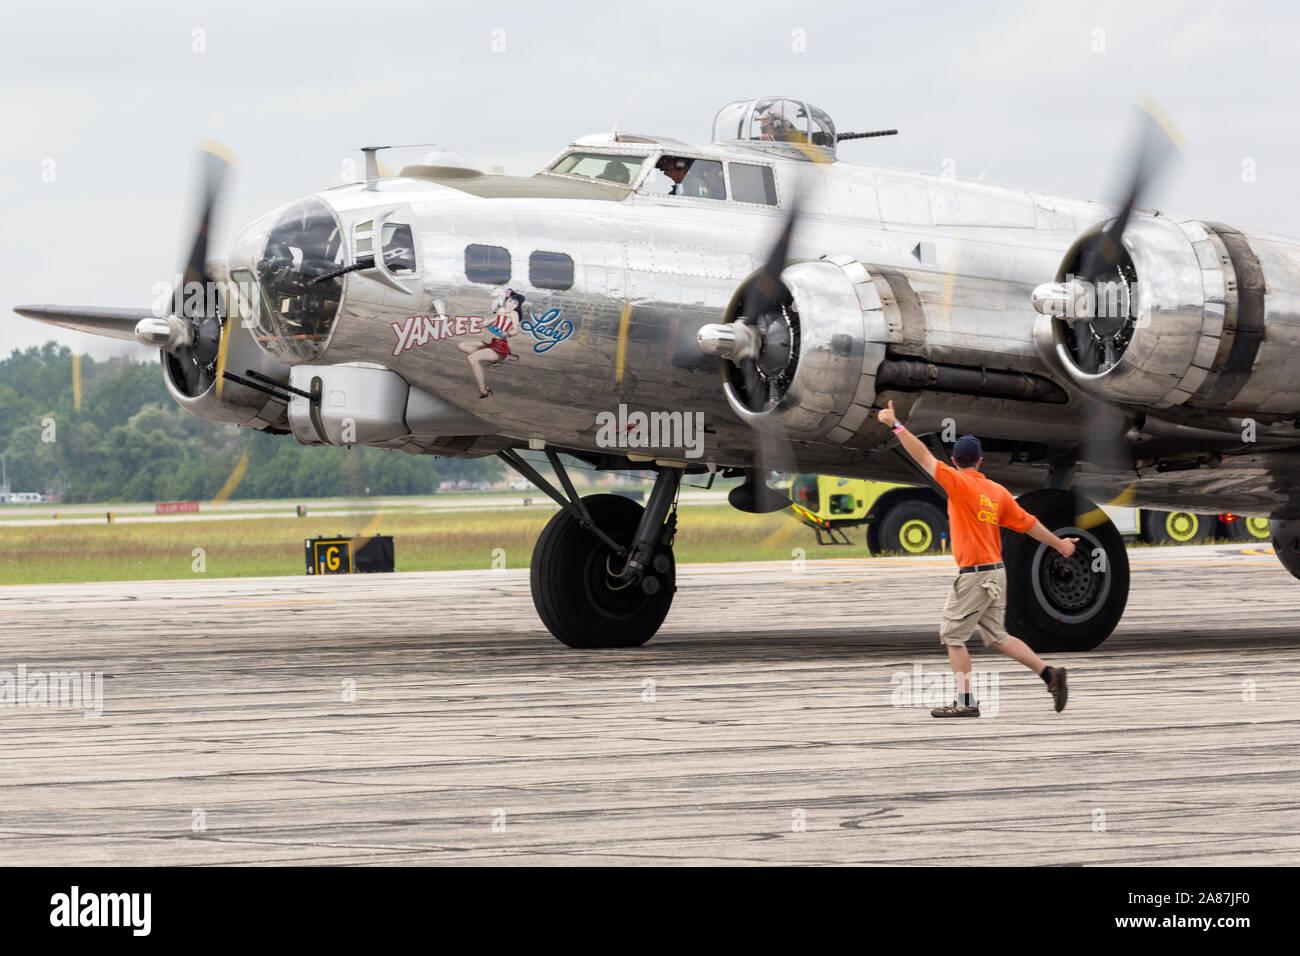 YPSILANTI, Michigan / STATI UNITI D'America - 25 agosto 2018: una guerra mondiale II SER B-17 Flying Fortress al 2018 Thunder su Airshow Michigan. Foto Stock